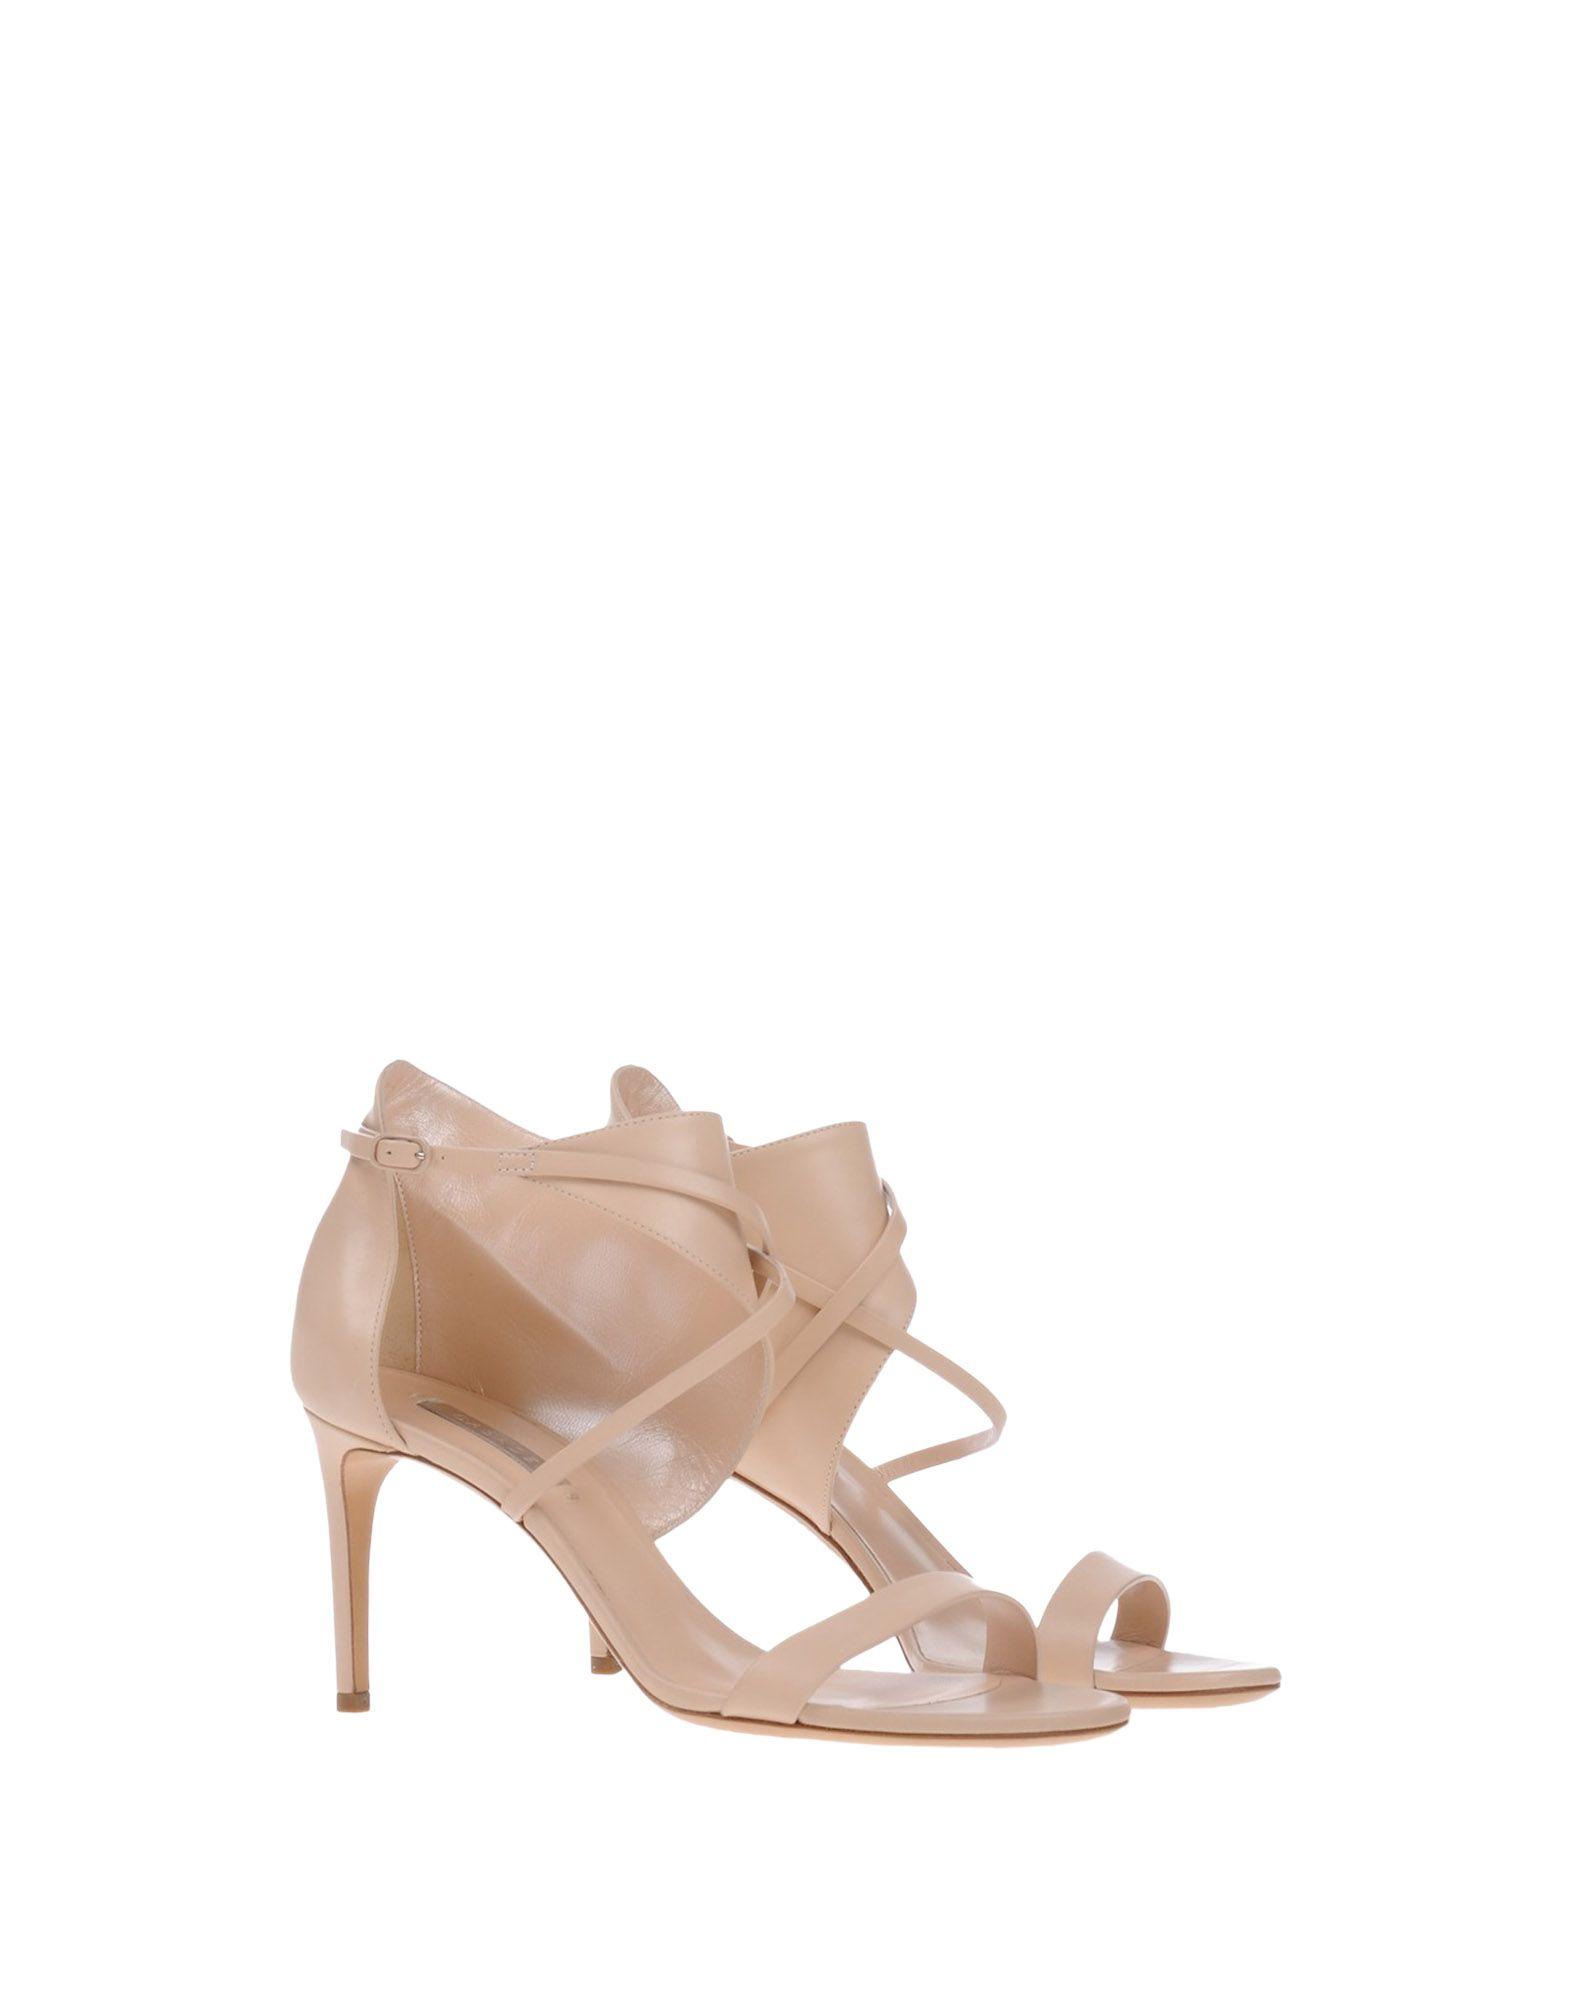 Casadei Sandalen Damen Schuhe  11198911OUGünstige gut aussehende Schuhe Damen 28a6d8